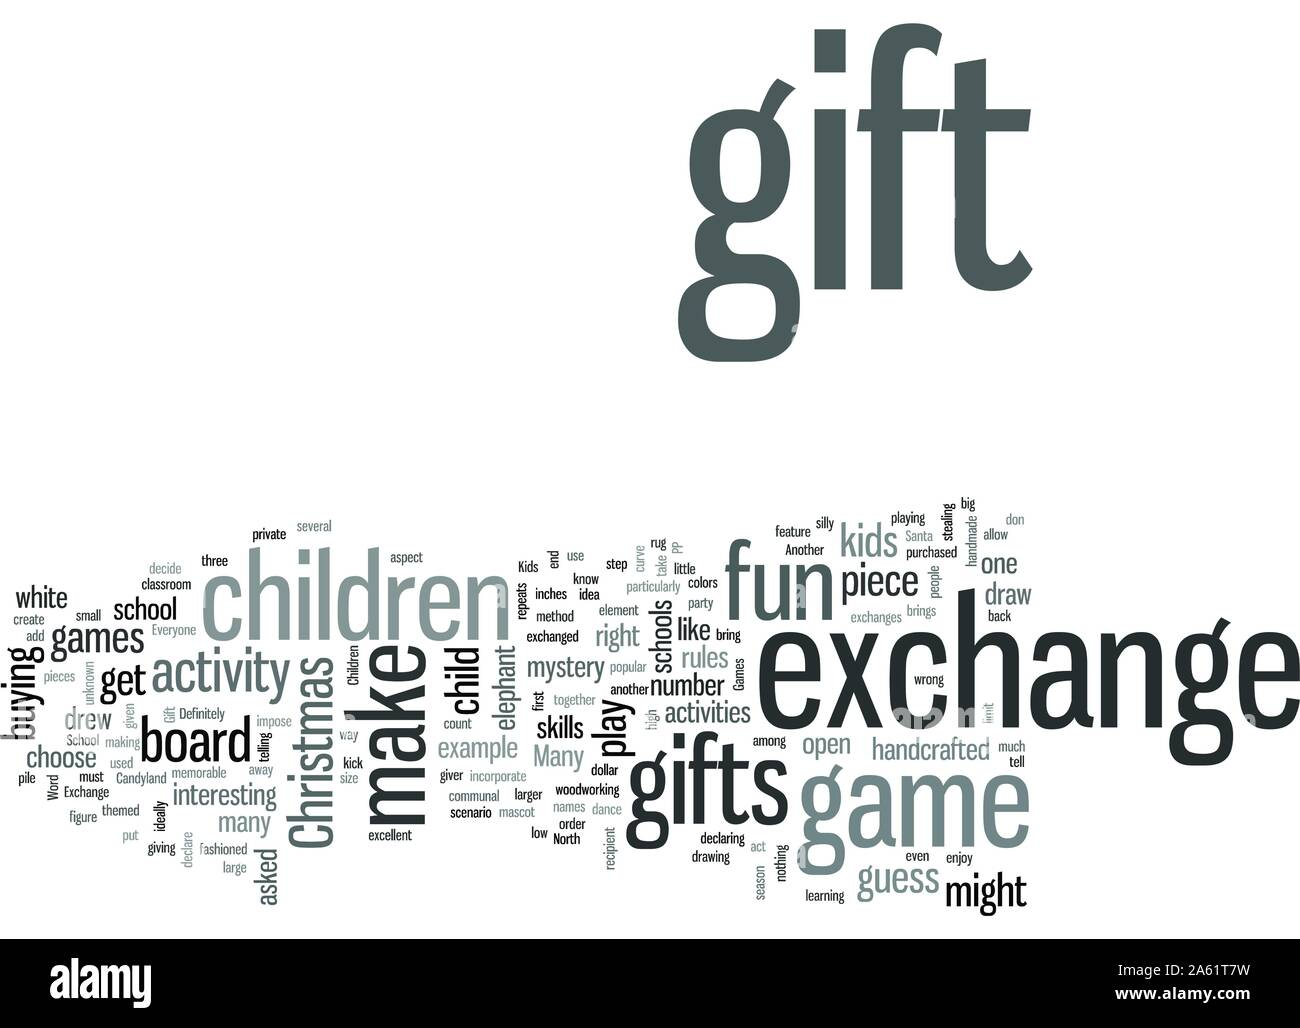 School Christmas Gift Exchange Games Stock Vector Image Art Alamy